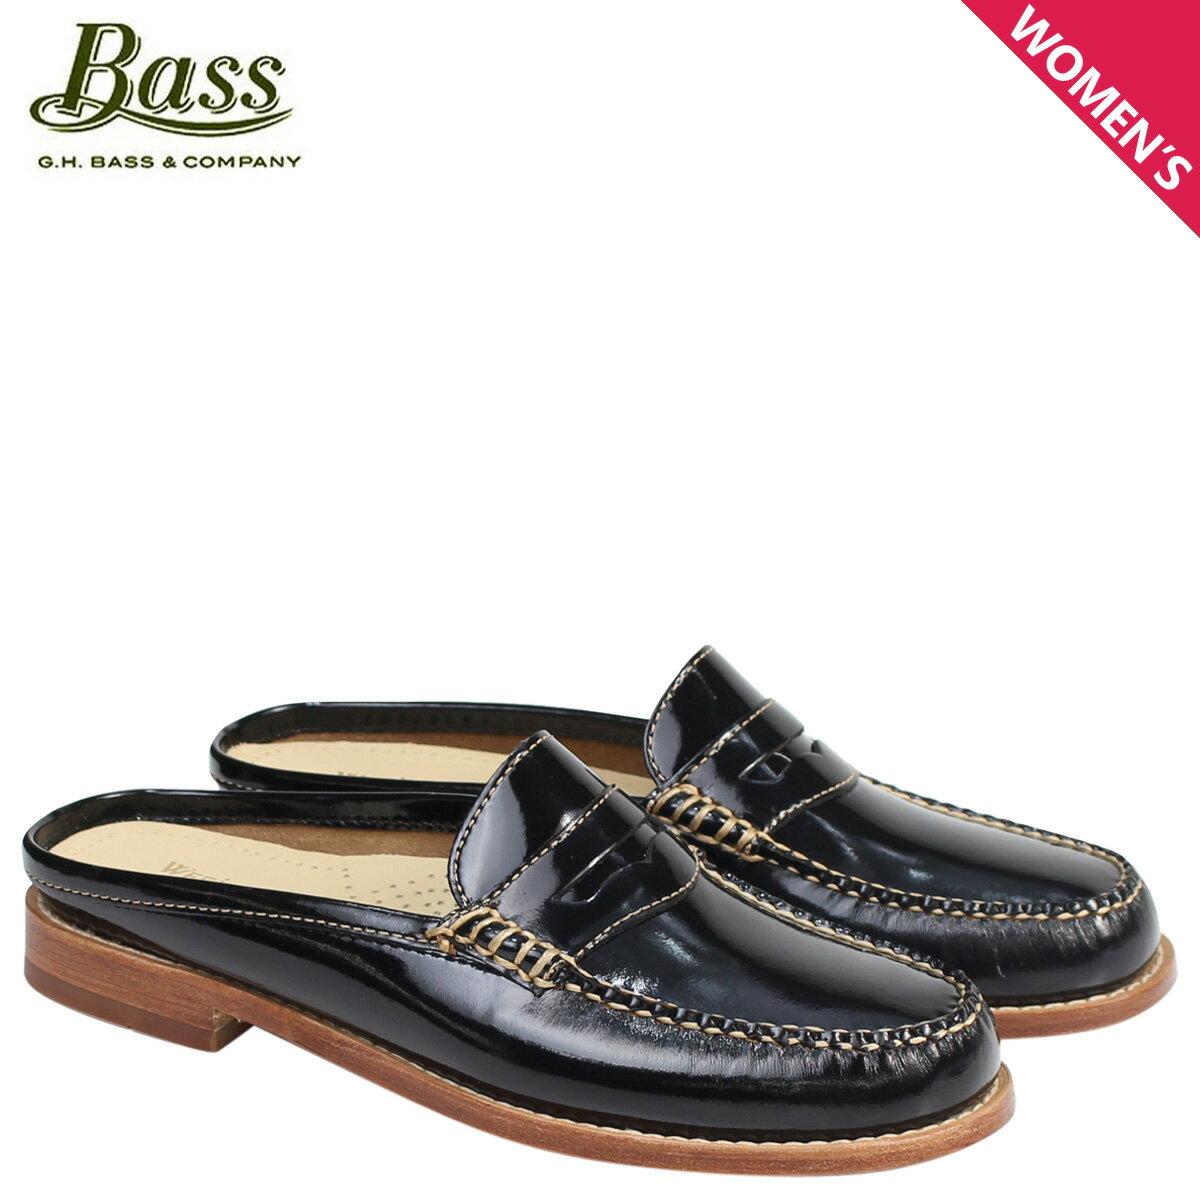 ジーエイチバス ローファー G.H. BASS レディース サンダル スリッパ バブーシュ WYNN PATENT LEATHER MULE WEEJUNS 71-22854 靴 ブラック [176]